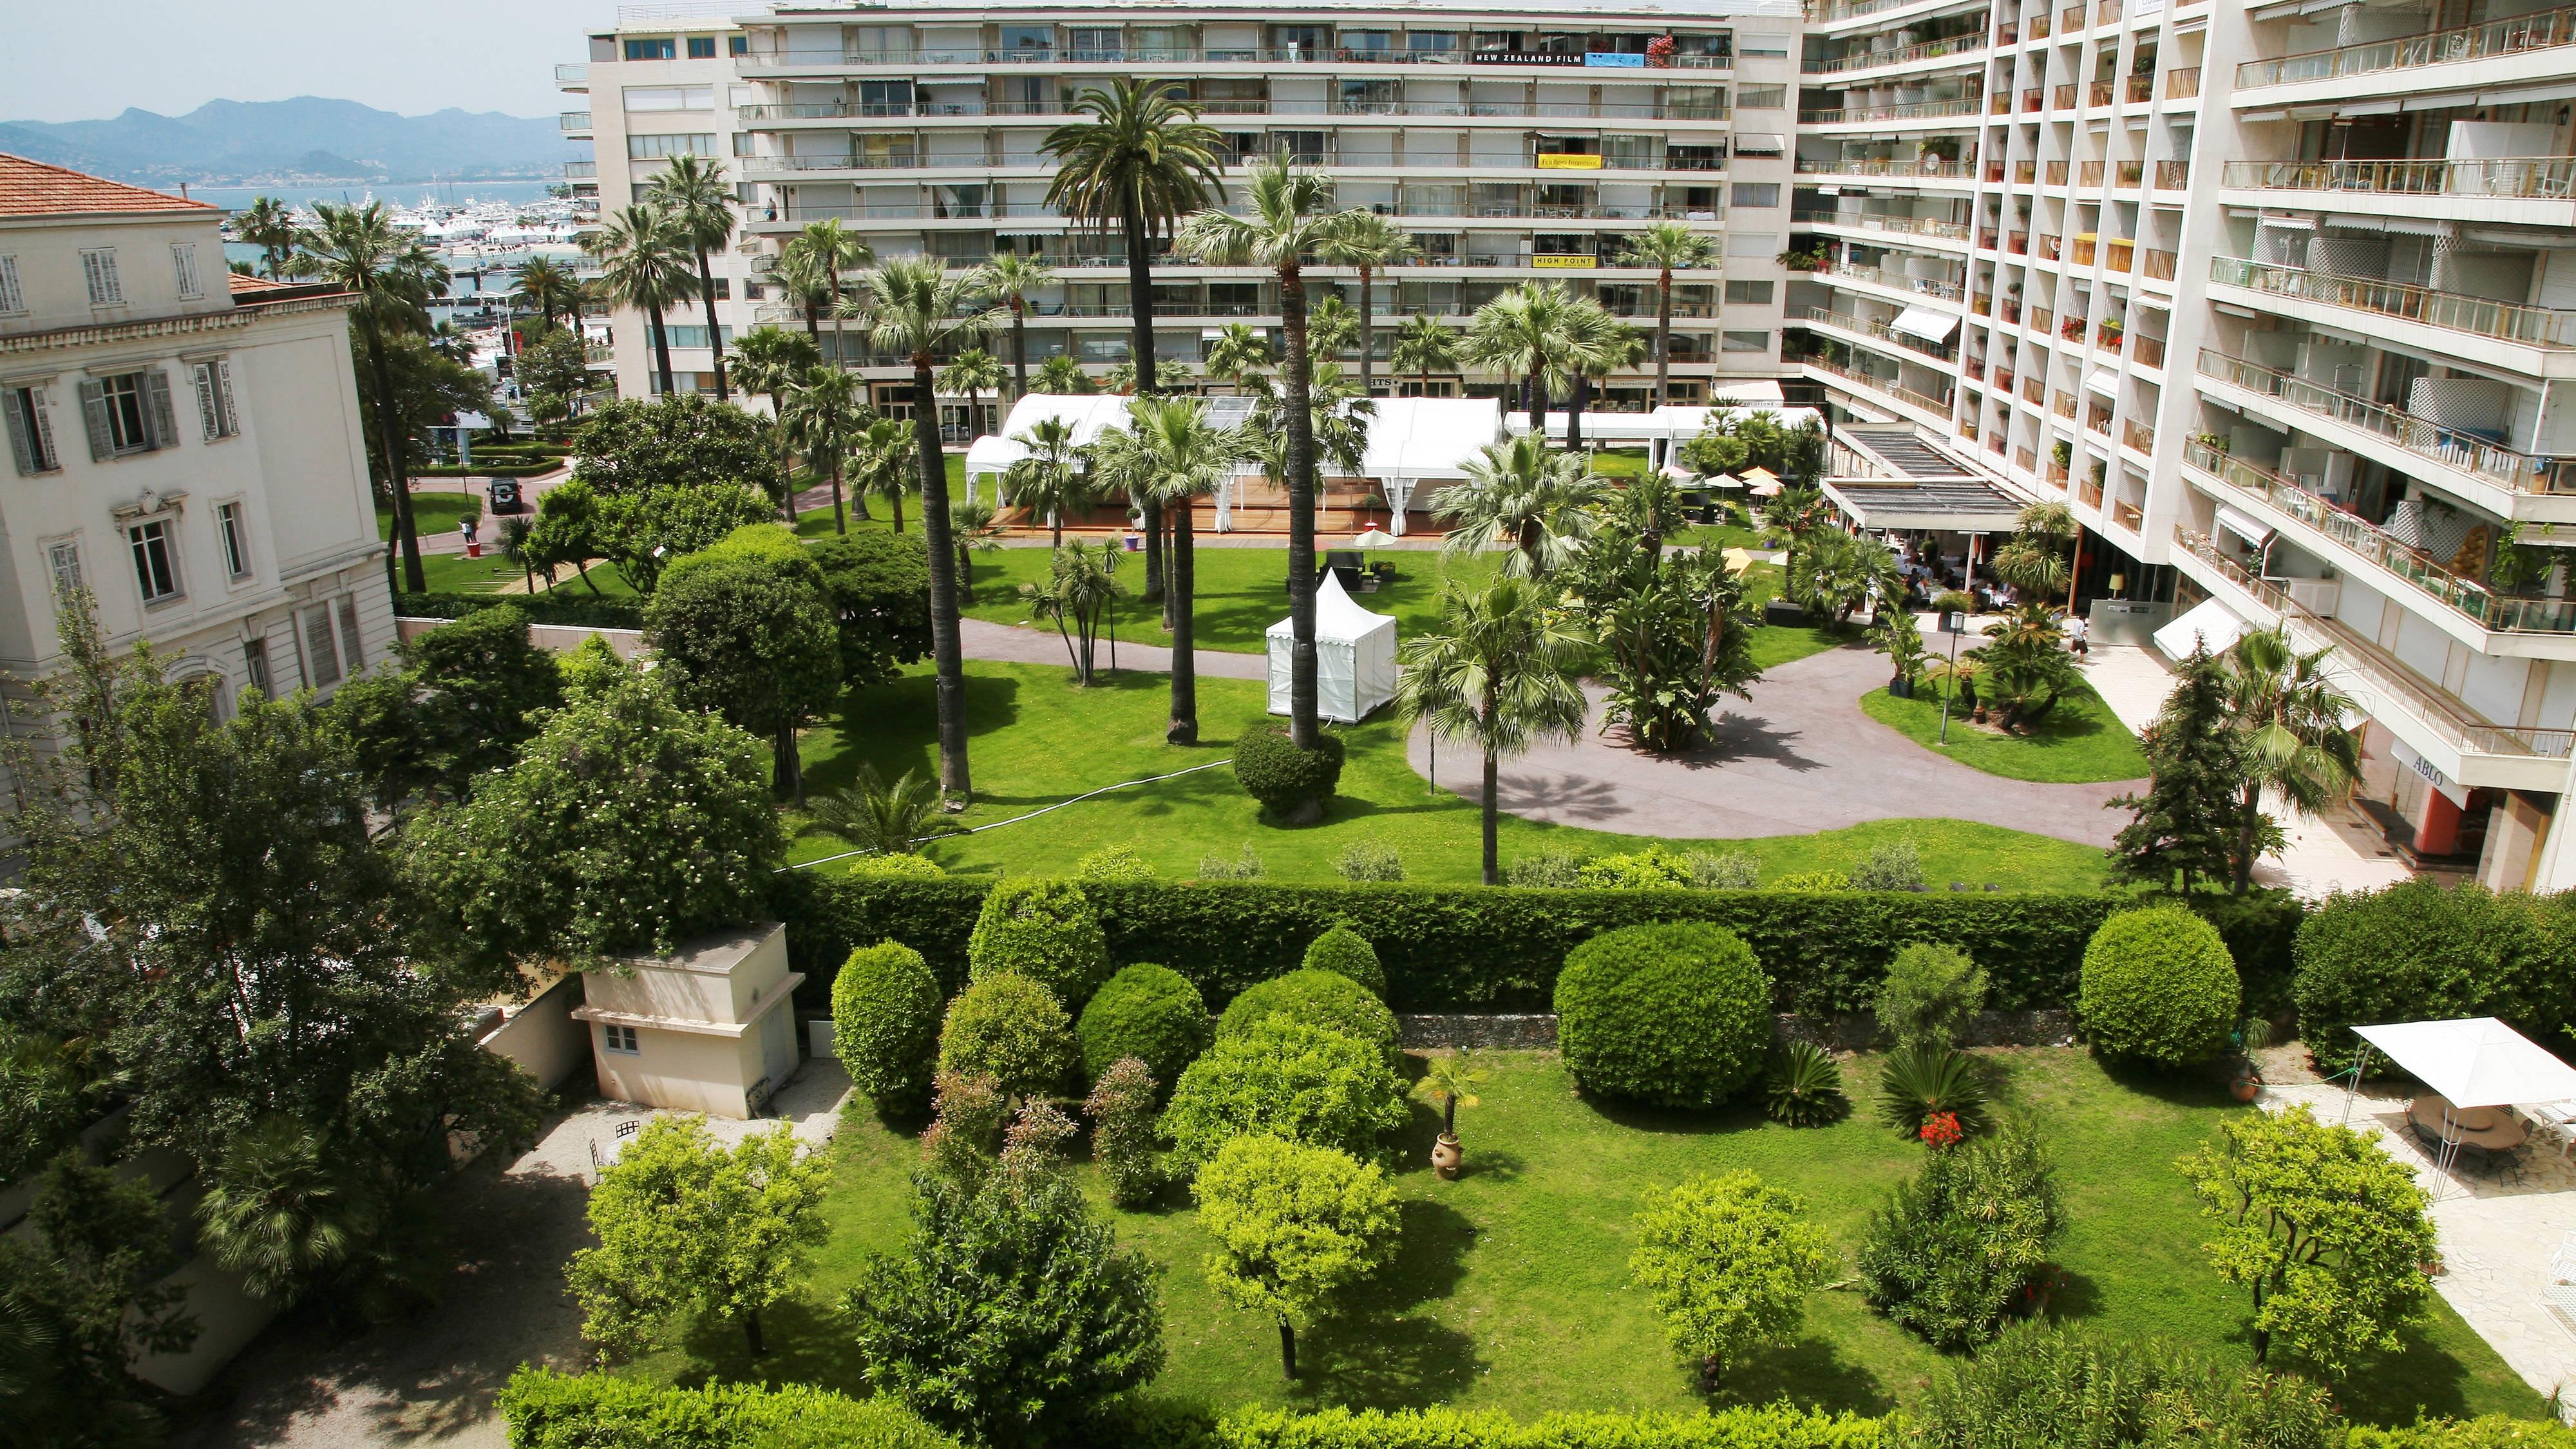 Cannes Hotel Garden View